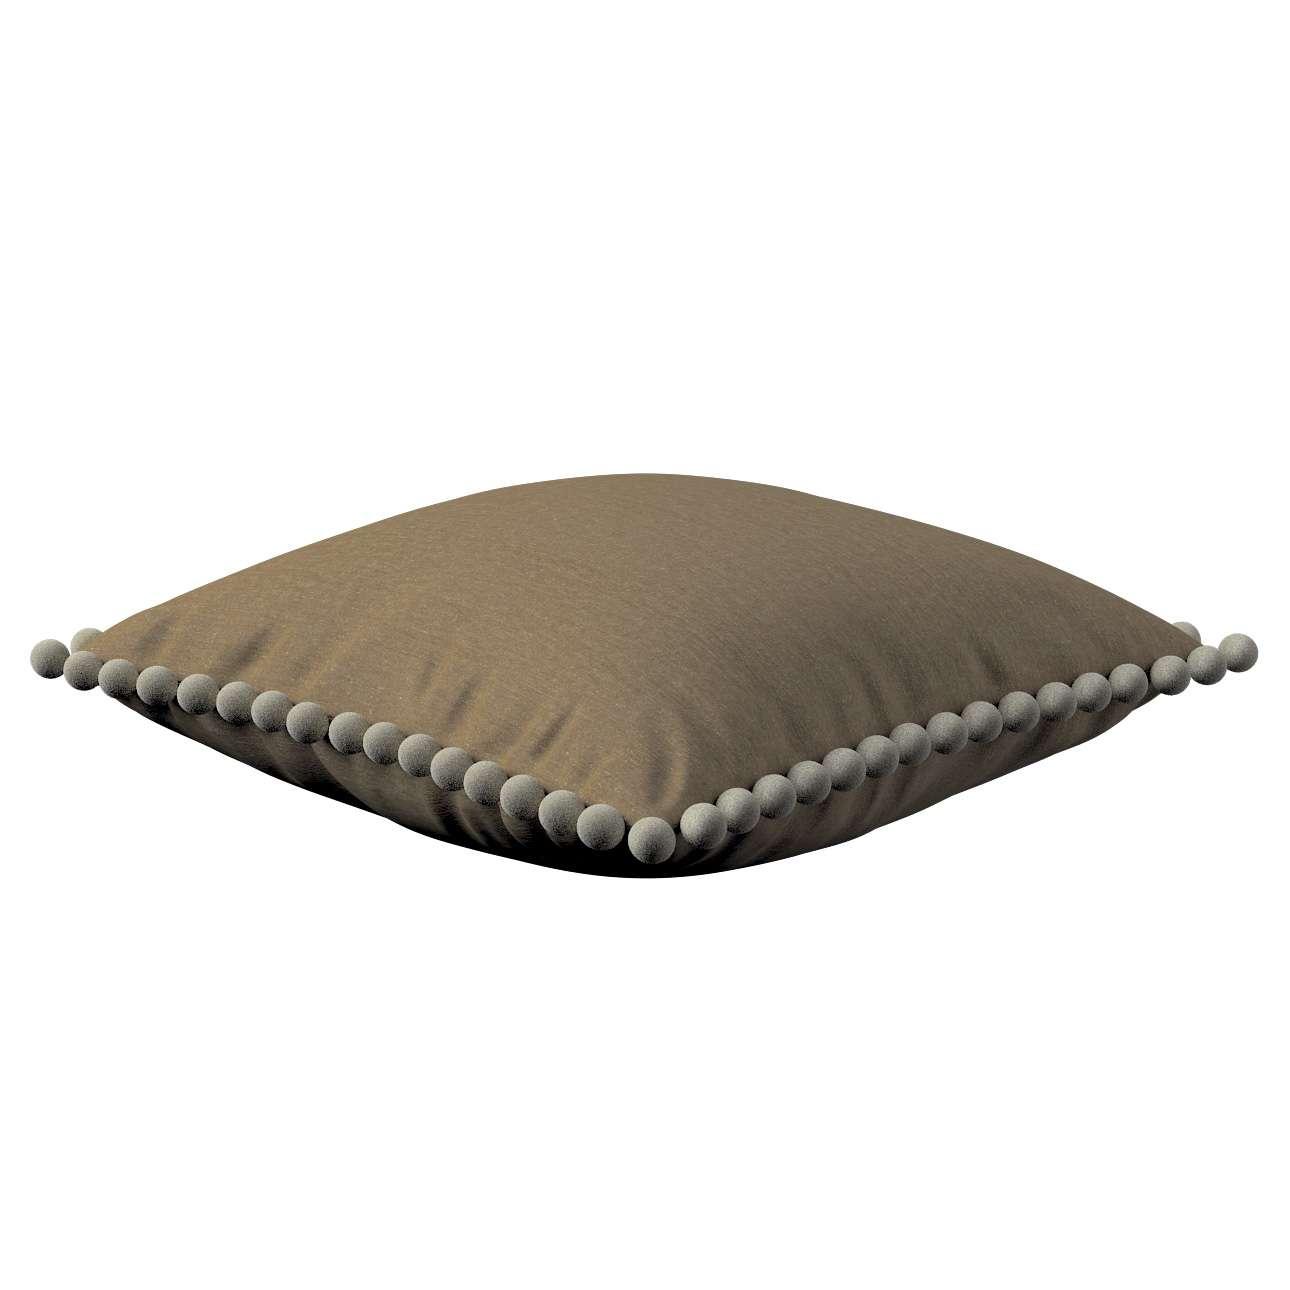 Wera dekoratyvinės pagalvėlės su žaismingais kraštais 45 x 45 cm kolekcijoje Chenille, audinys: 702-21